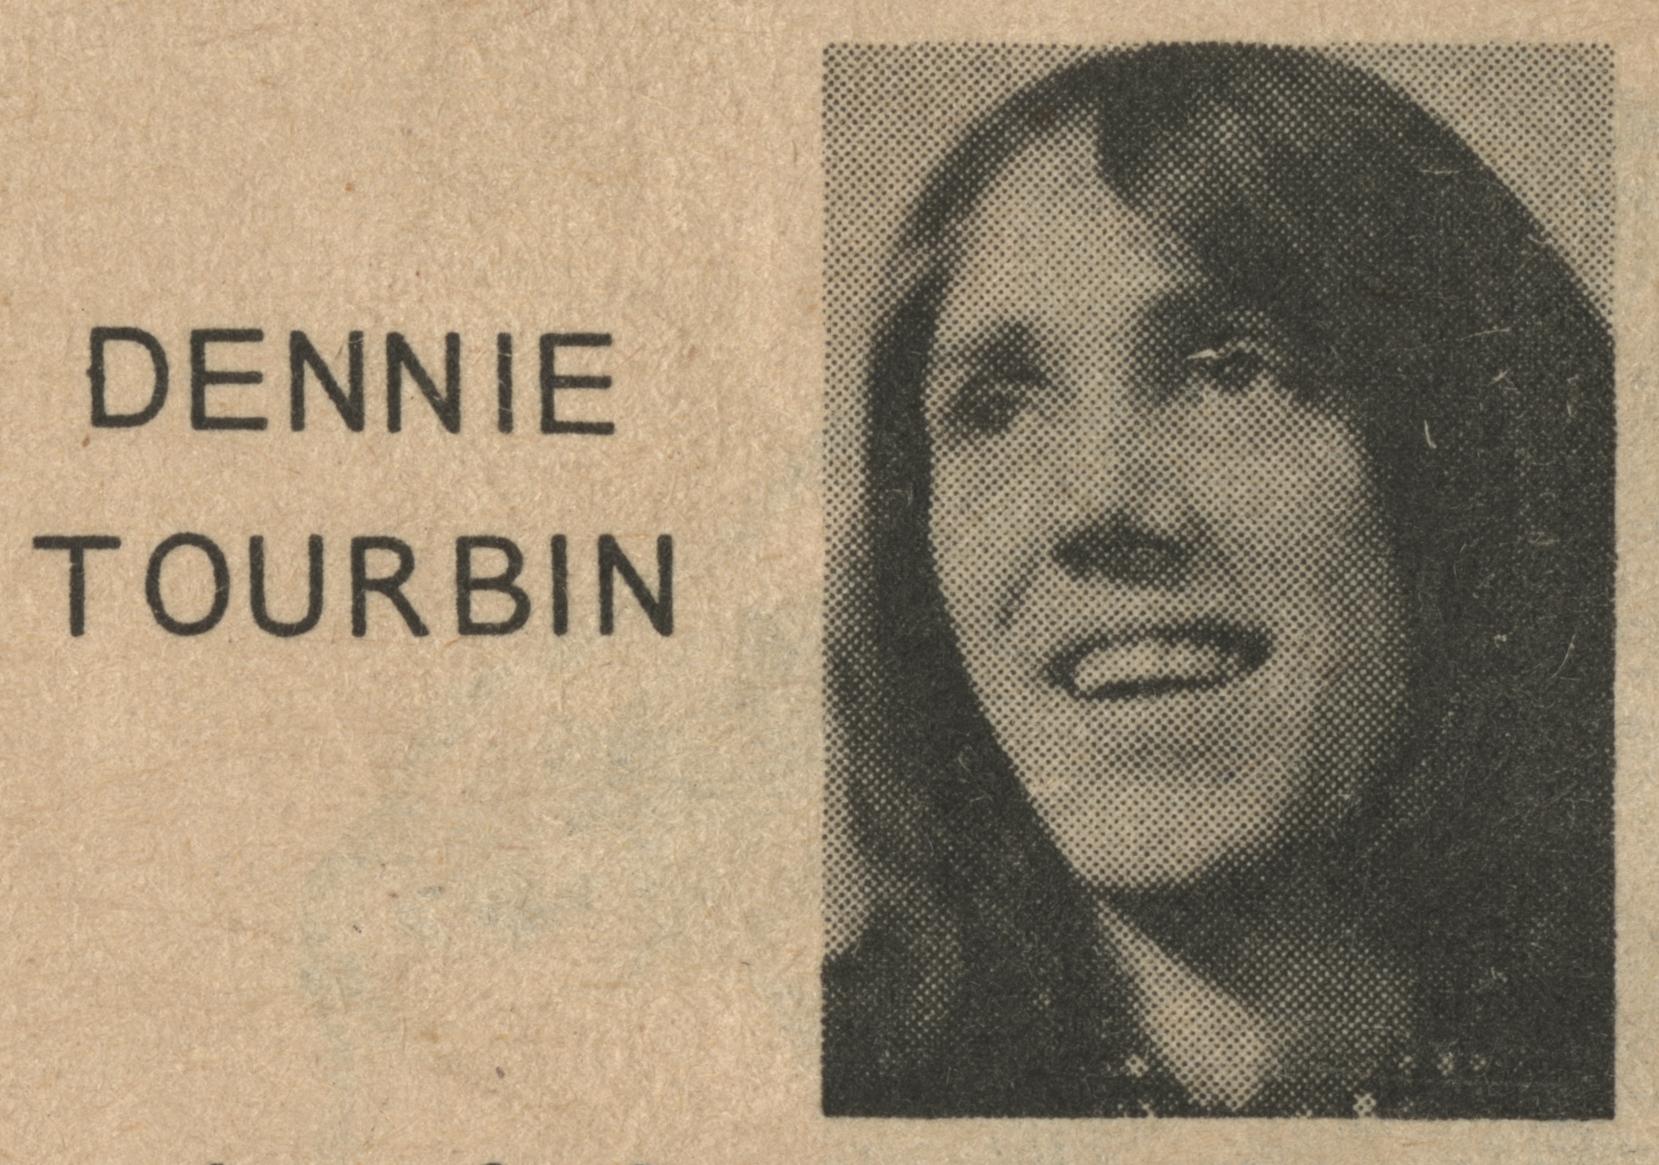 Dennie Twister Tourbin